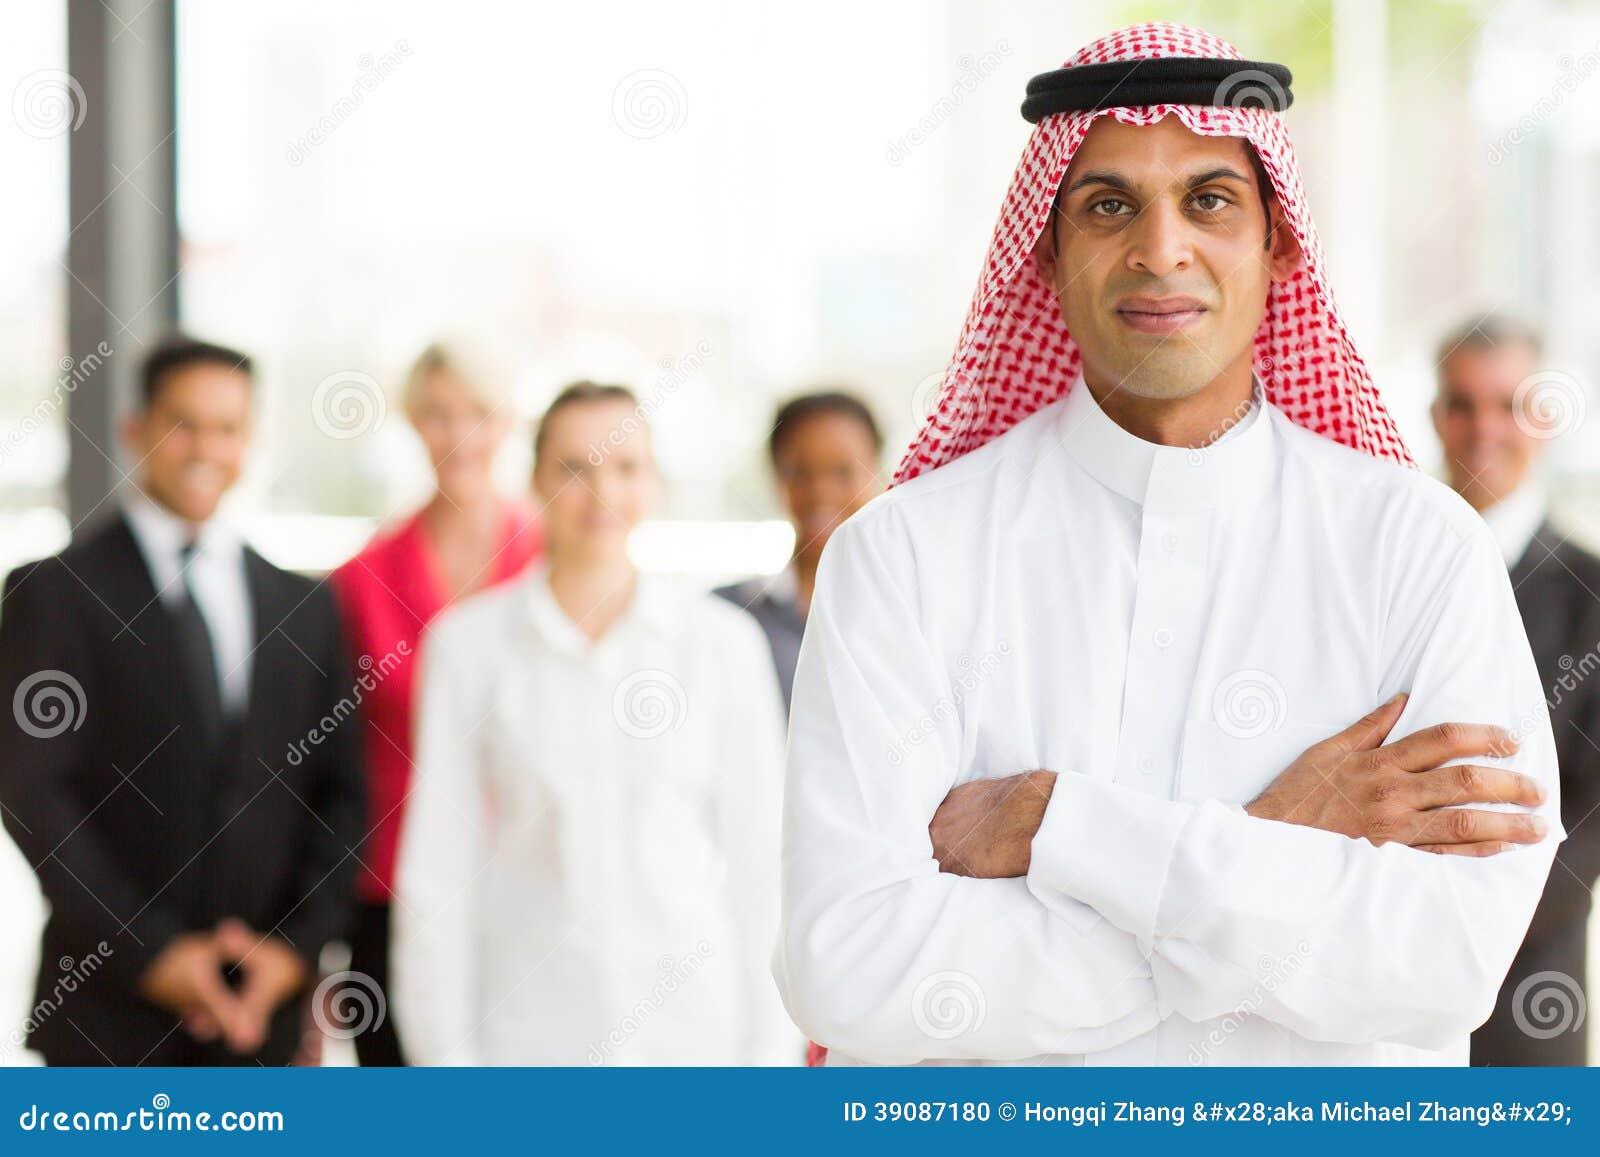 Rencontre des hommes musulmans